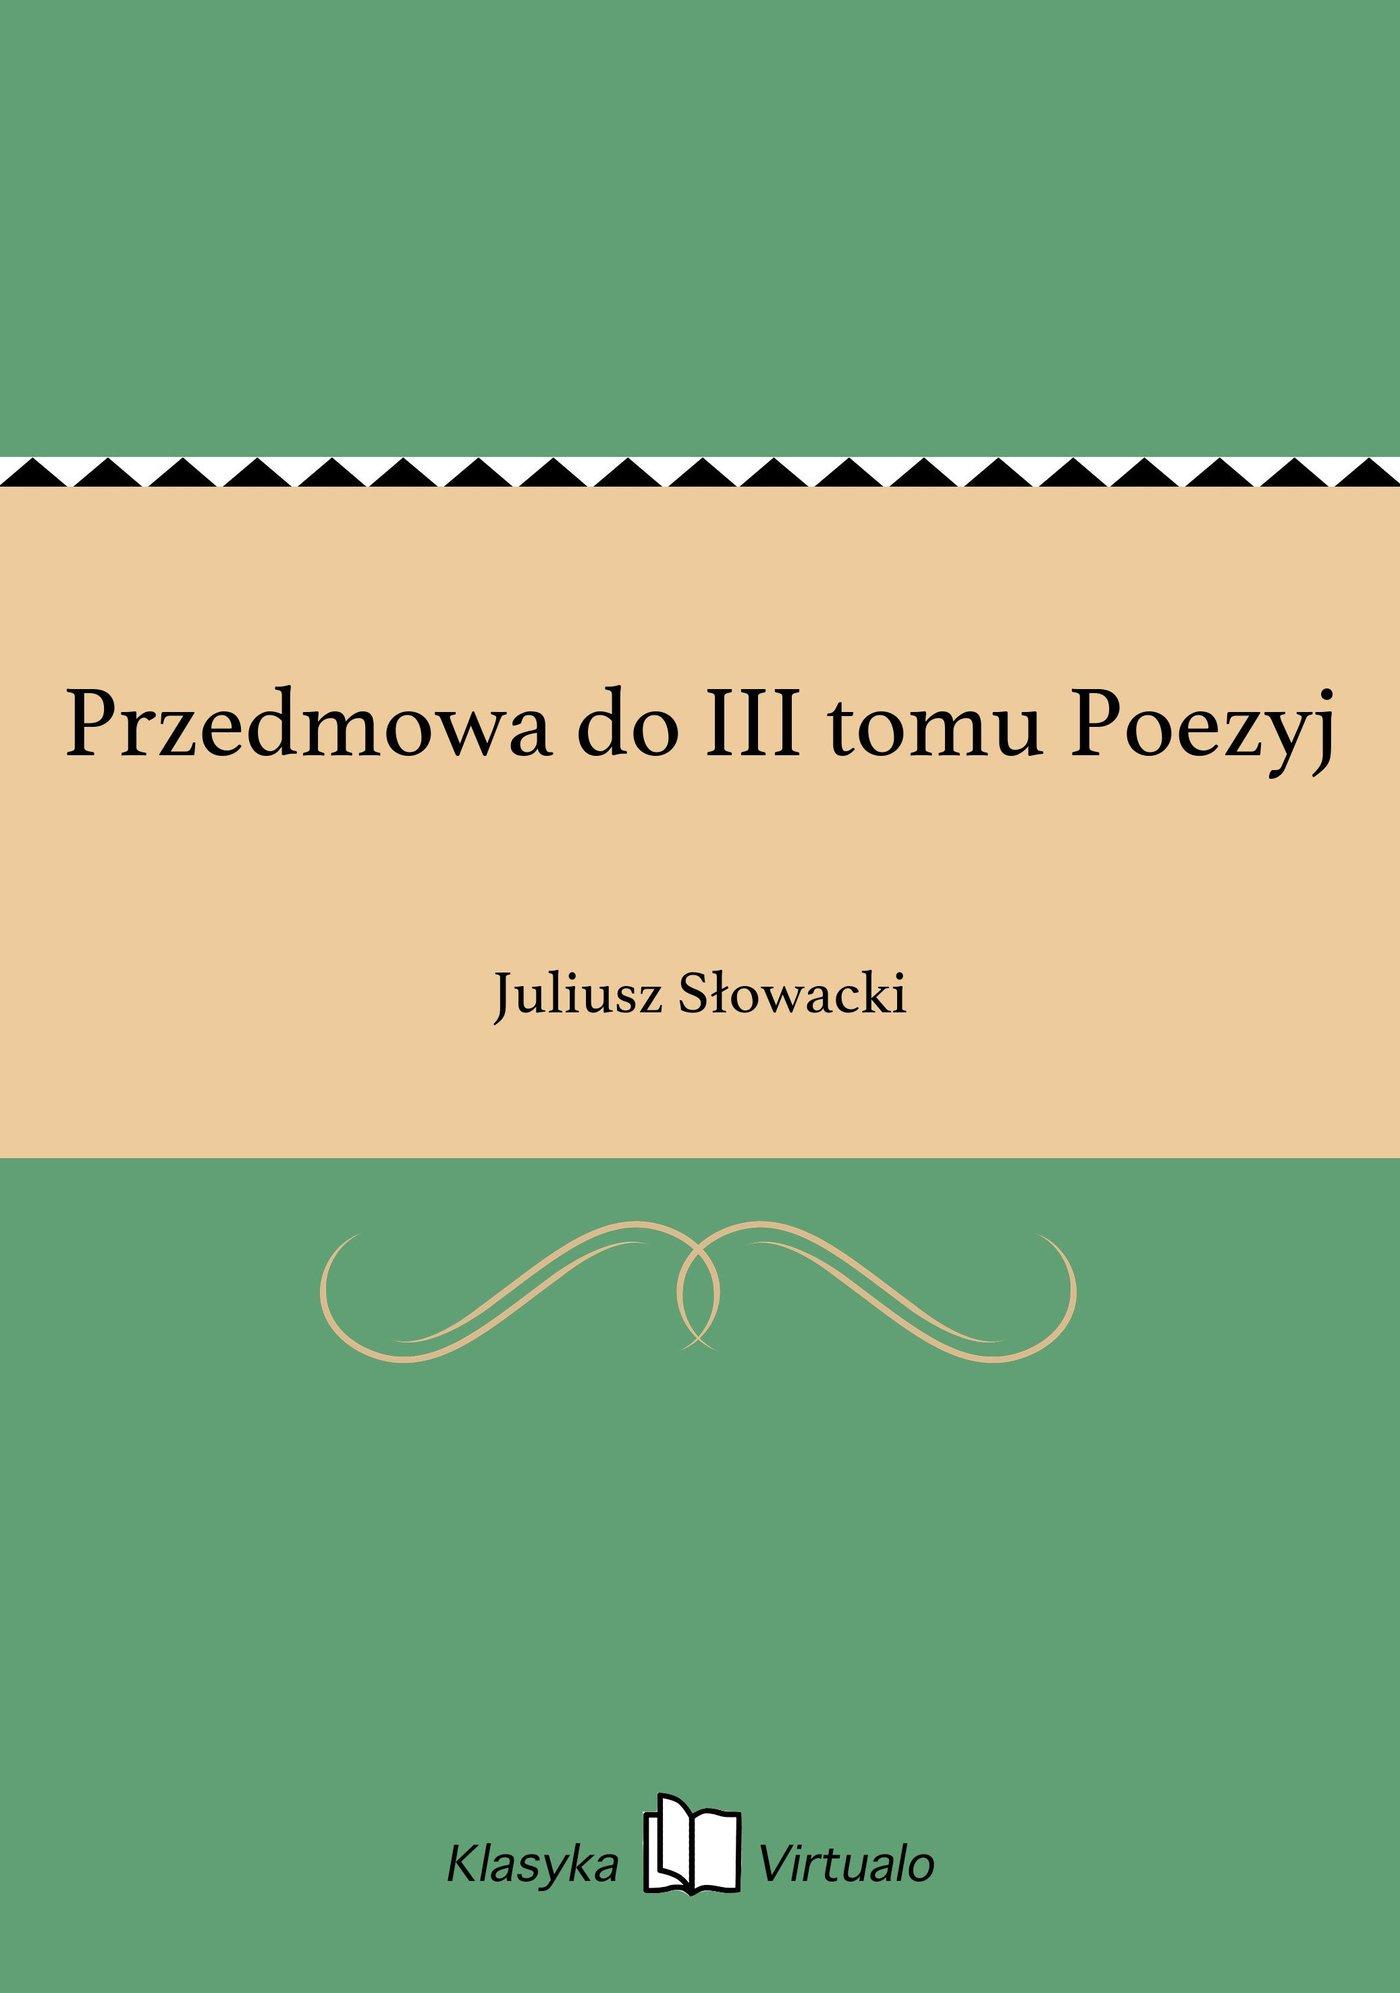 Przedmowa do III tomu Poezyj - Ebook (Książka EPUB) do pobrania w formacie EPUB